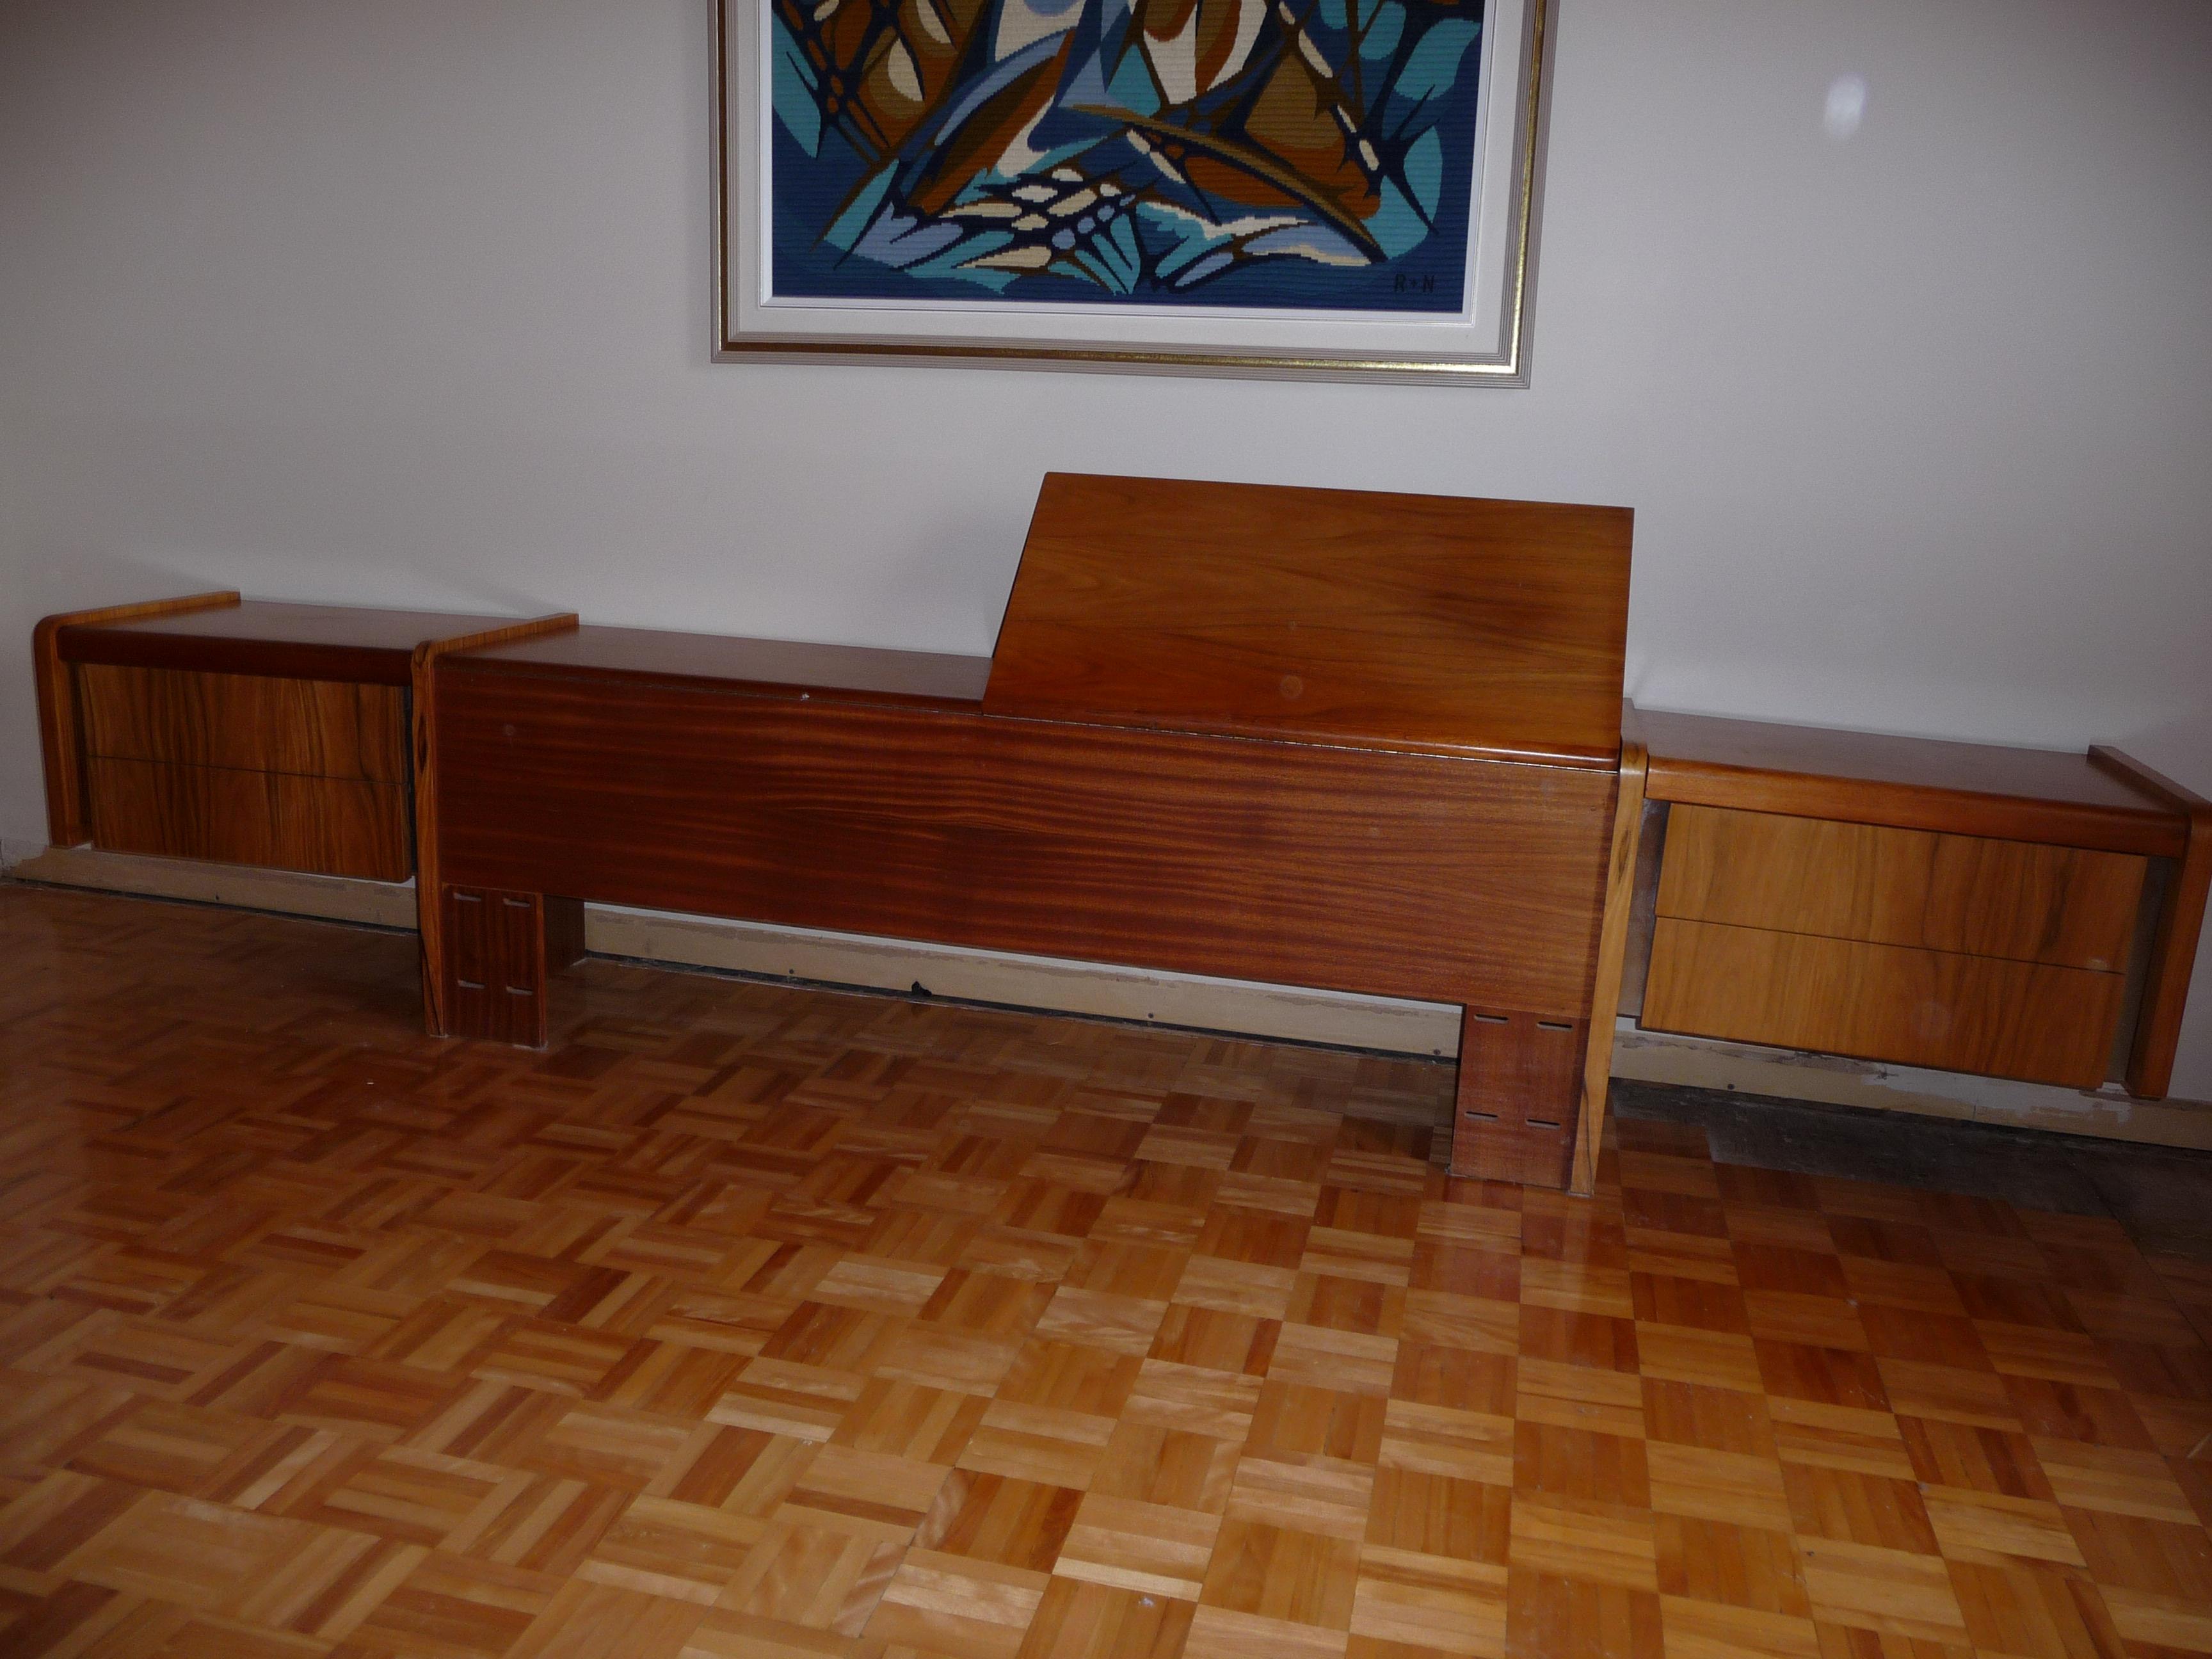 Chambre a coucher en bois de rose for Recherche chambre a coucher